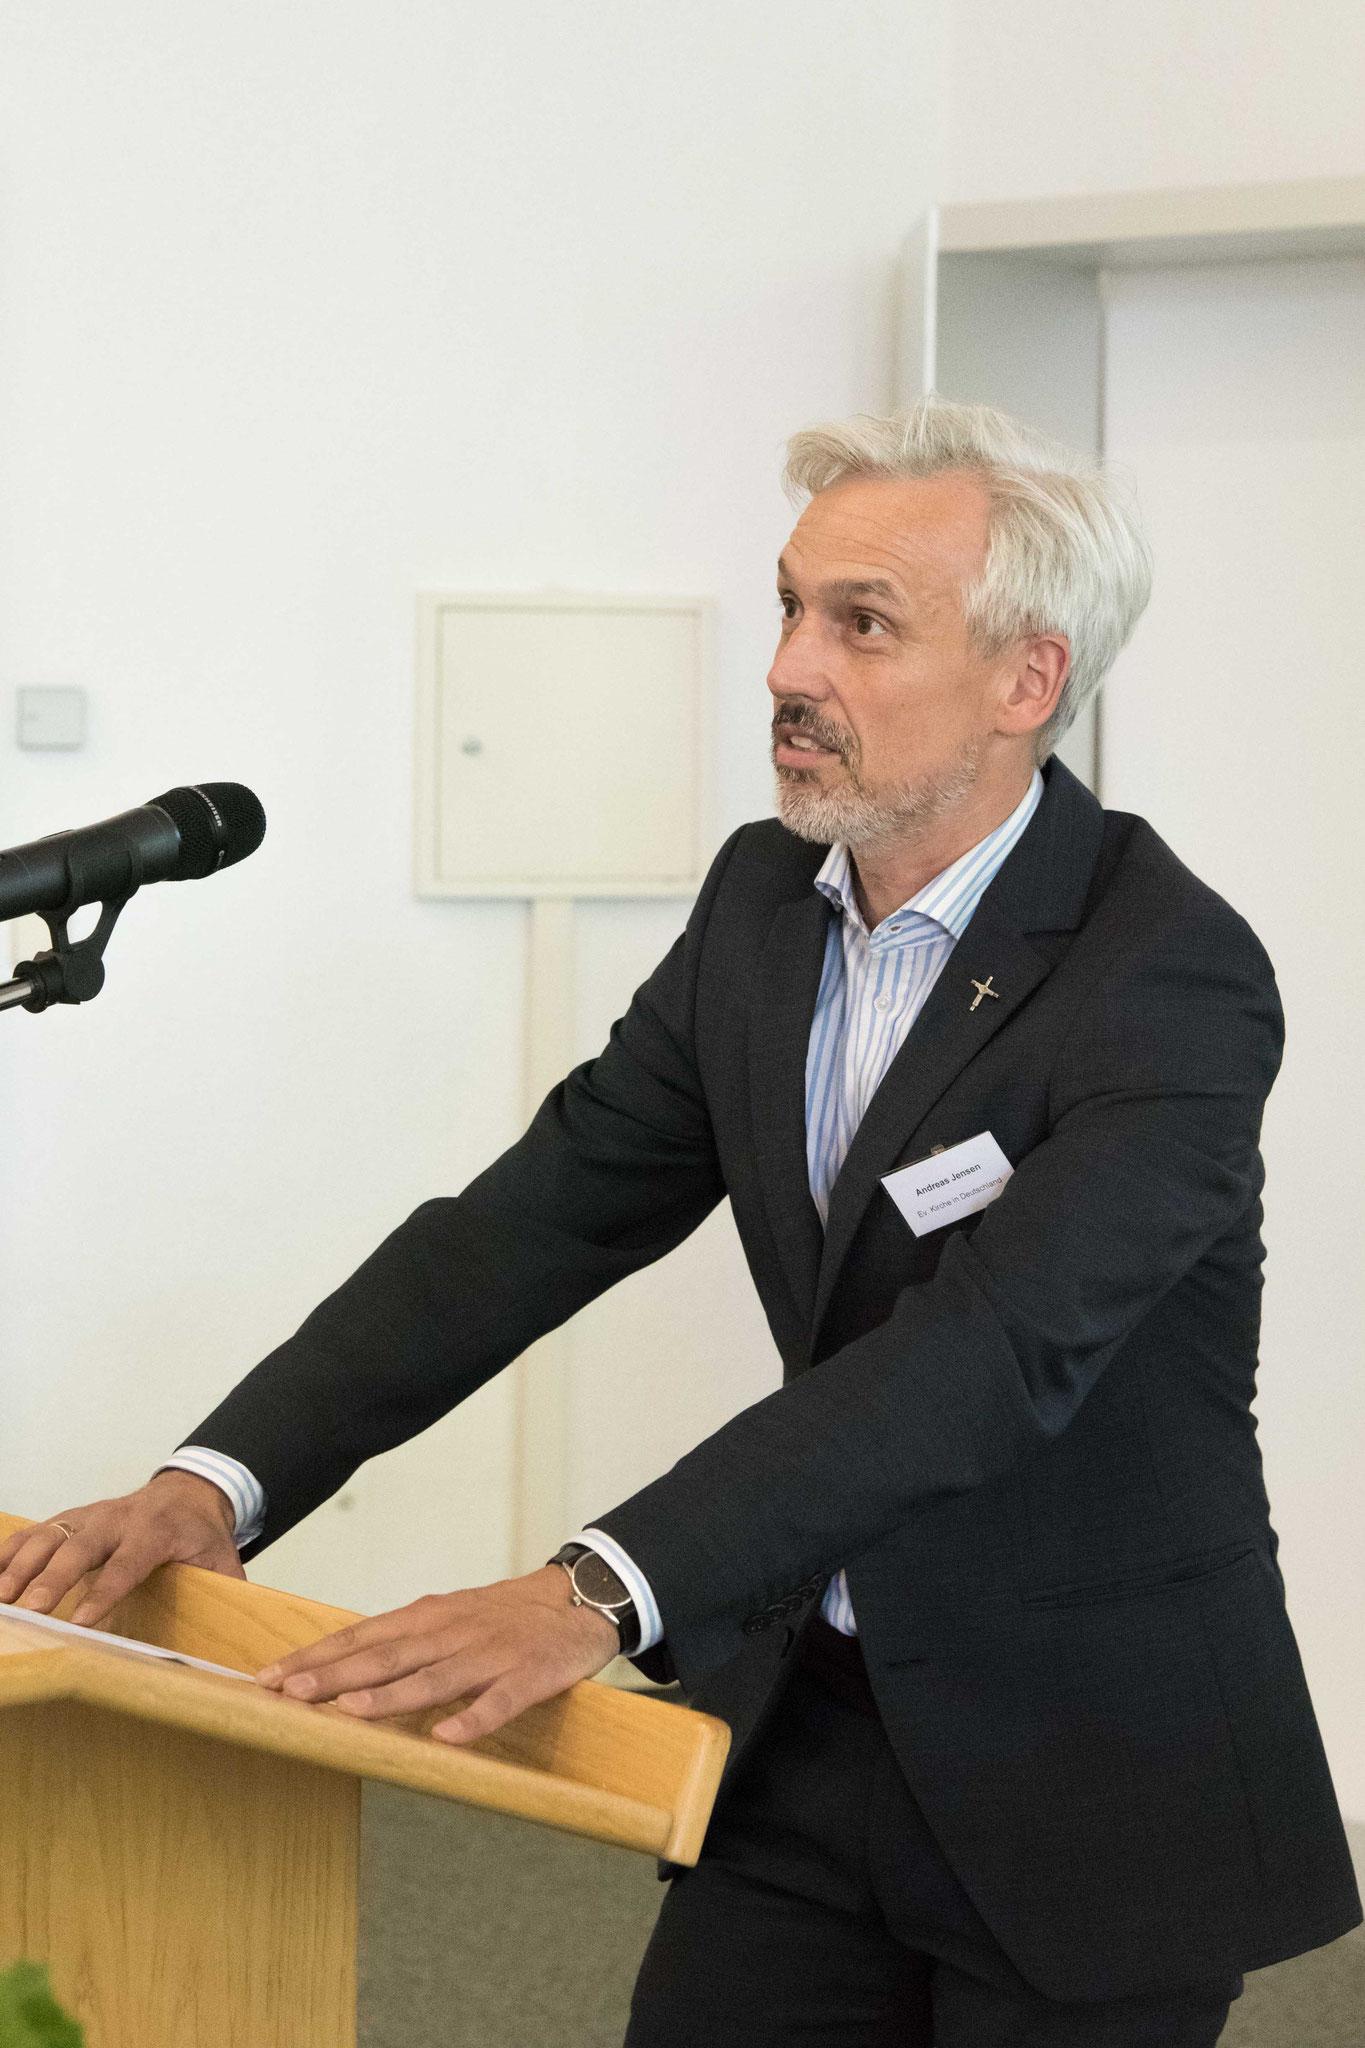 Eröffnung der Konferenz durch Kirchenrat Andreas Jensen, EKD